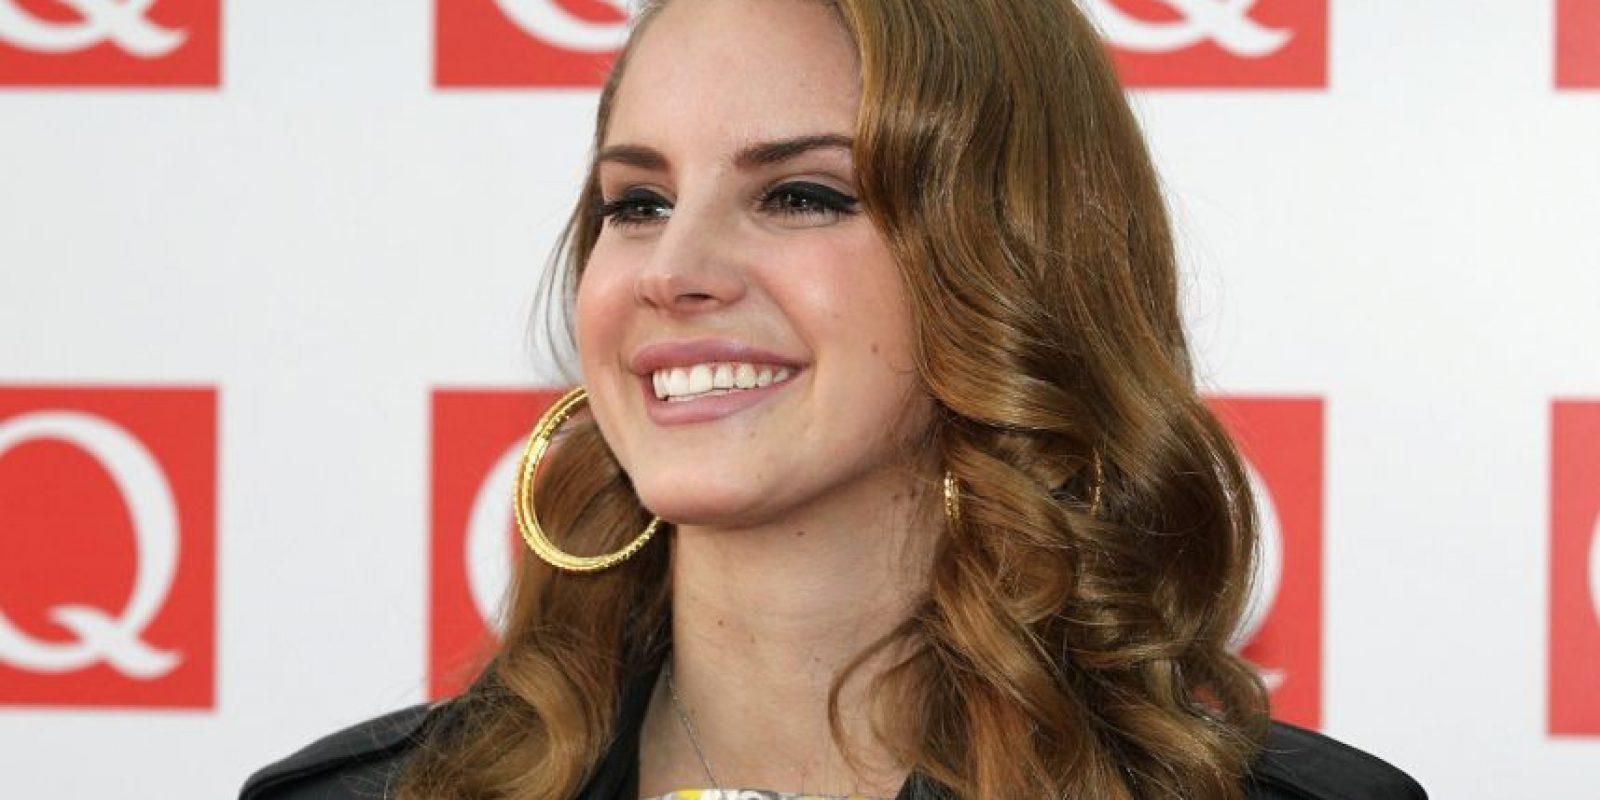 En dicho video Lana del Rey es asaltada sexualmente. Foto:Getty